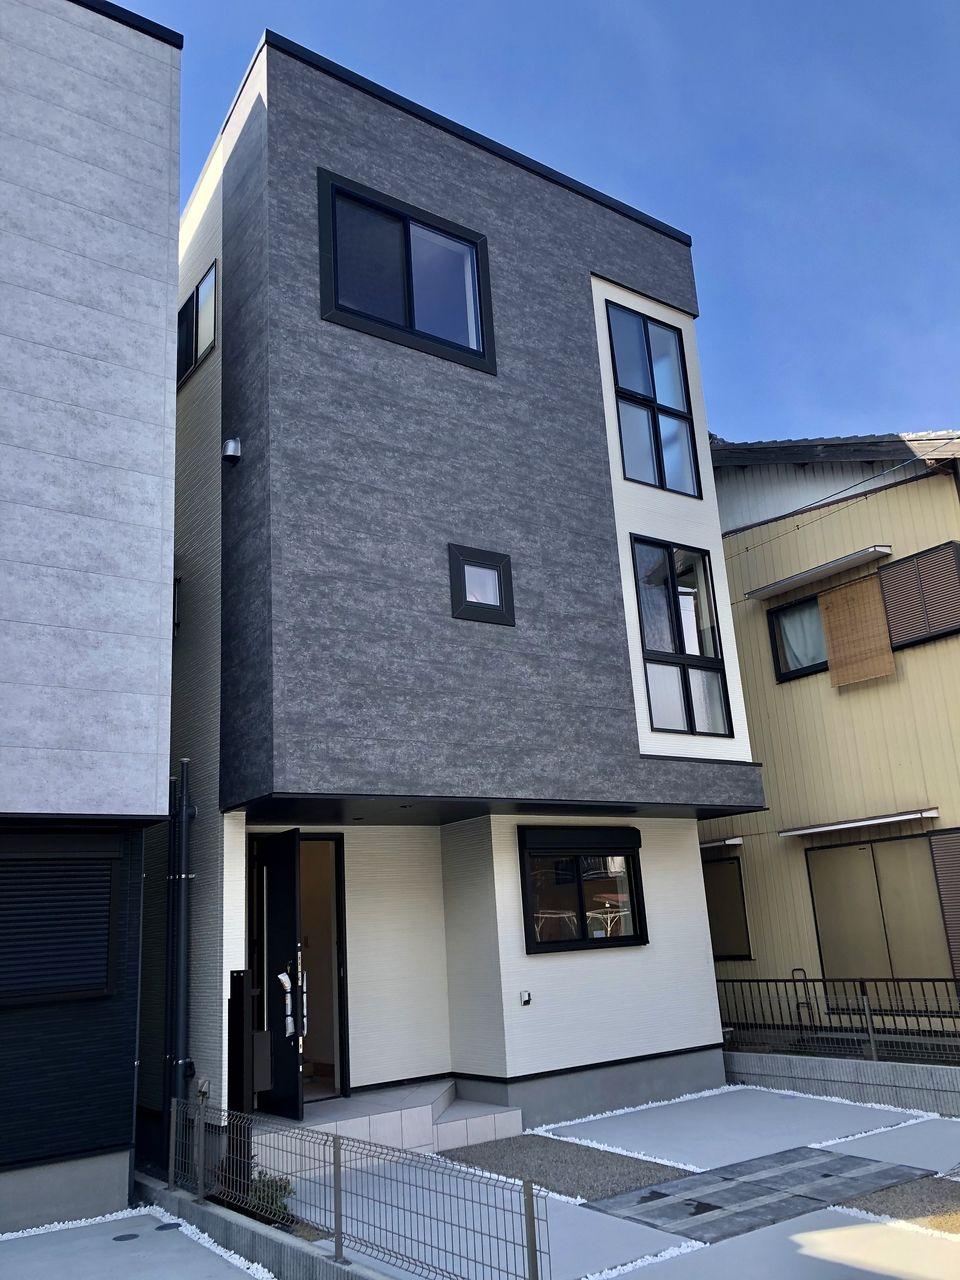 三栄建築設計の新築分譲住宅です。